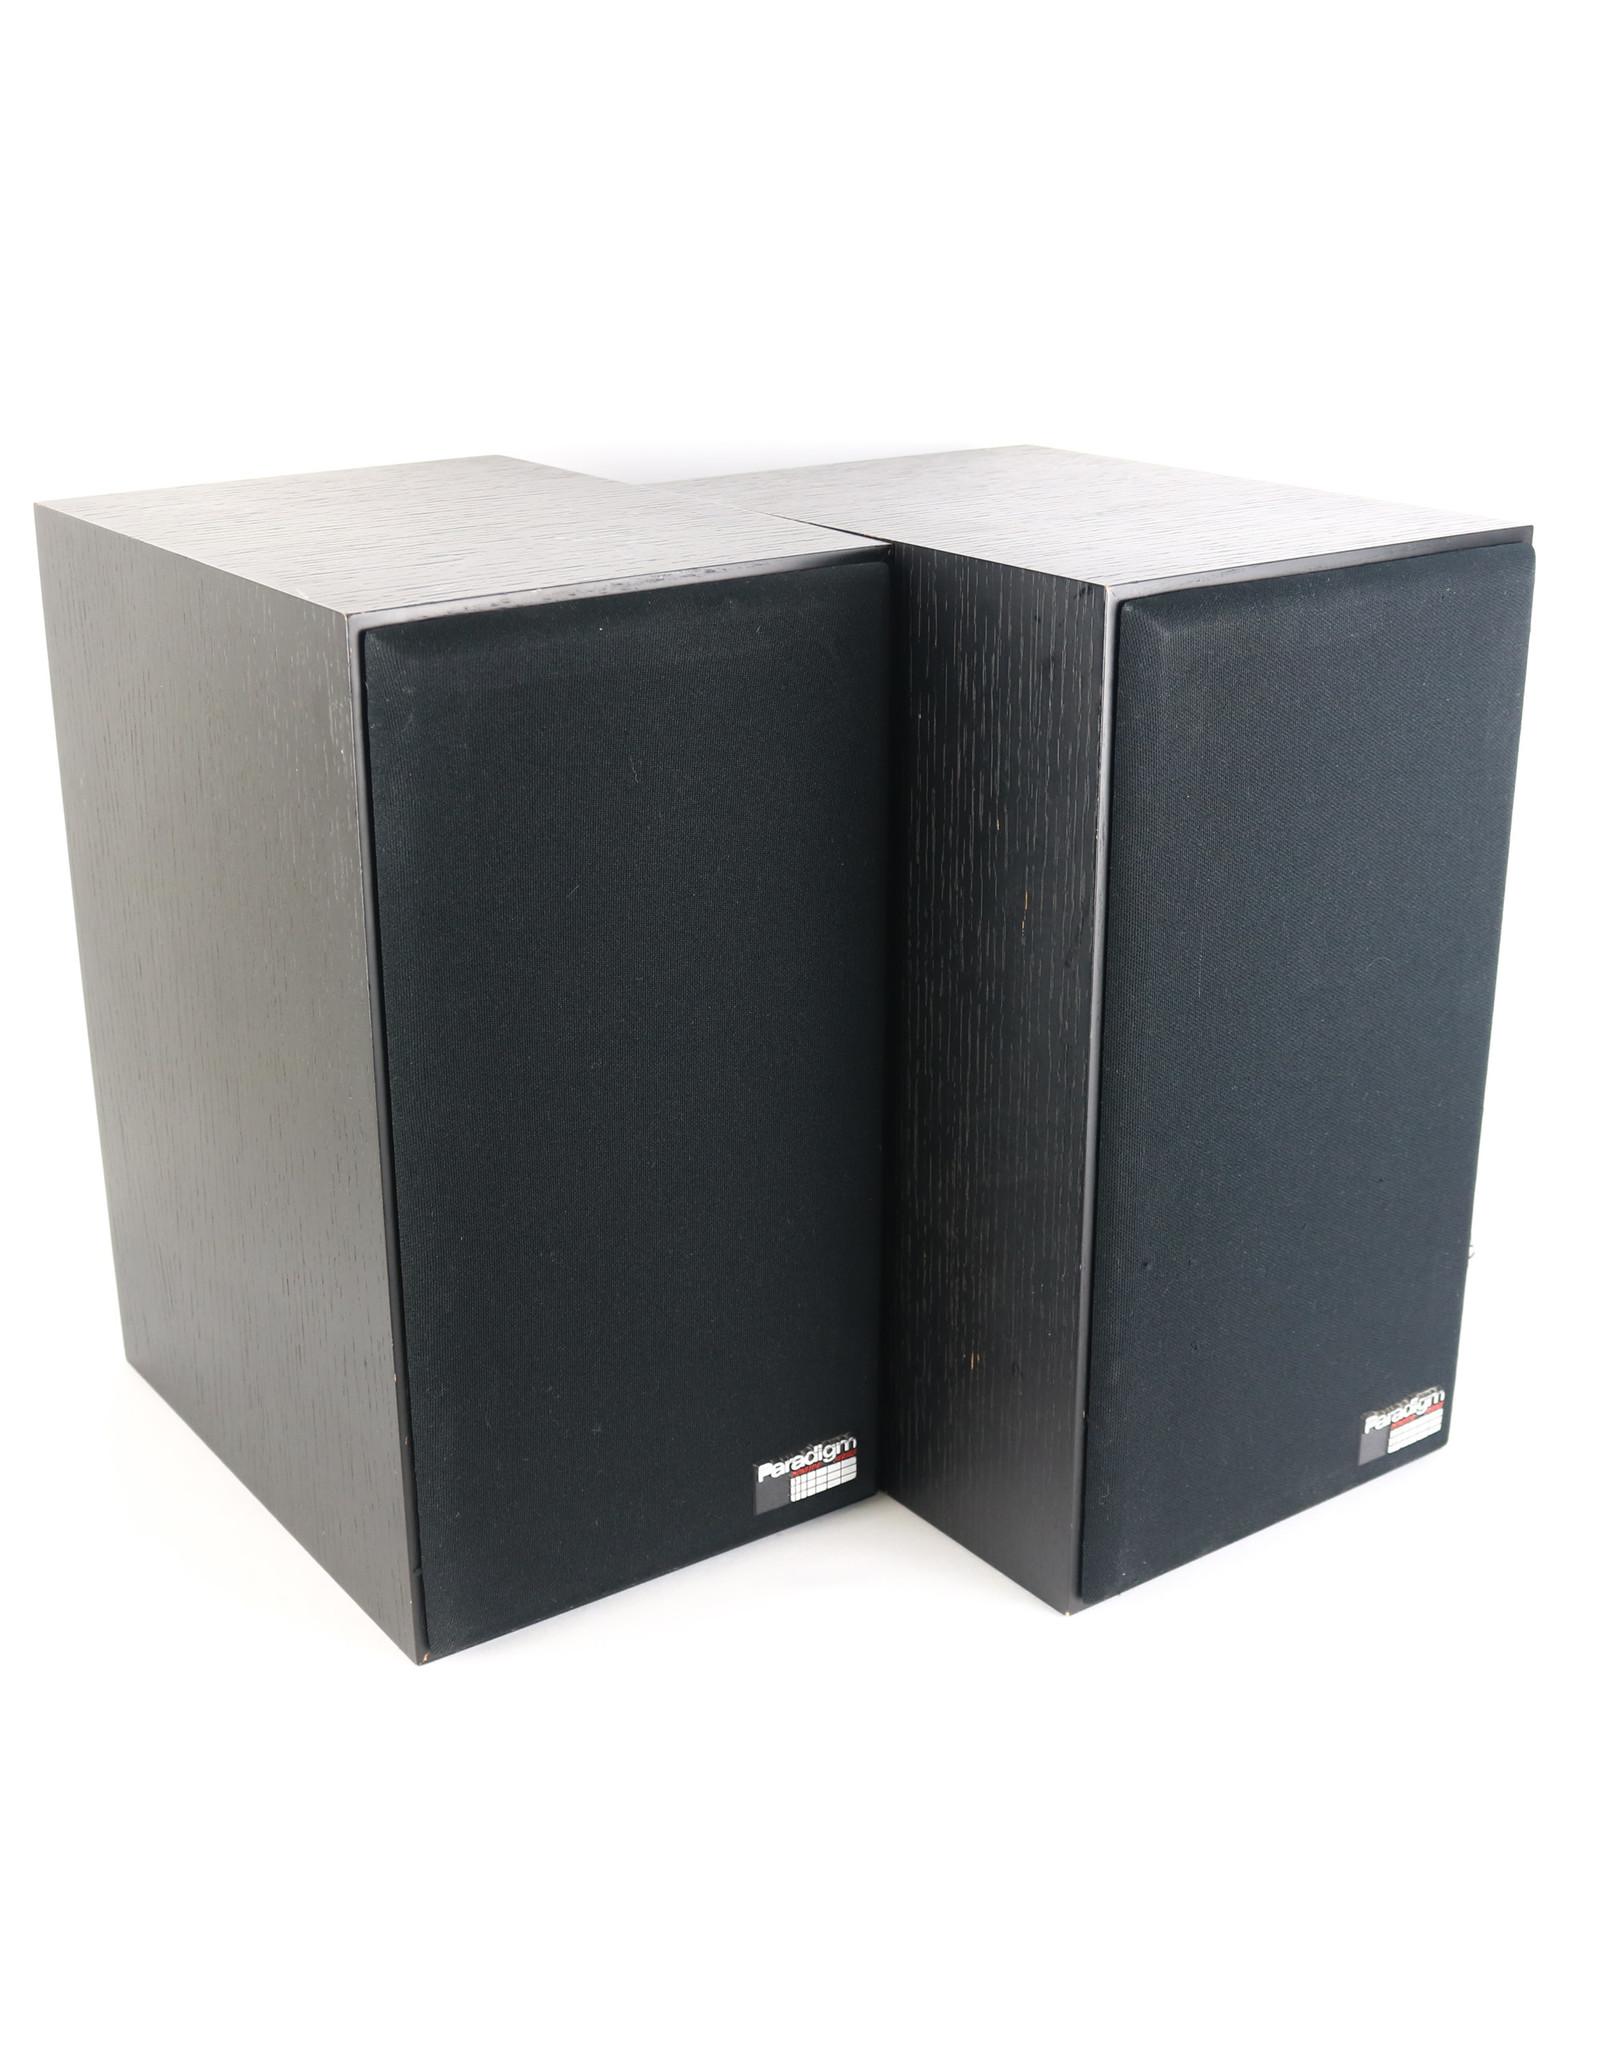 Paradigm Paradigm Compact Monitor Bookshelf Speakers USED